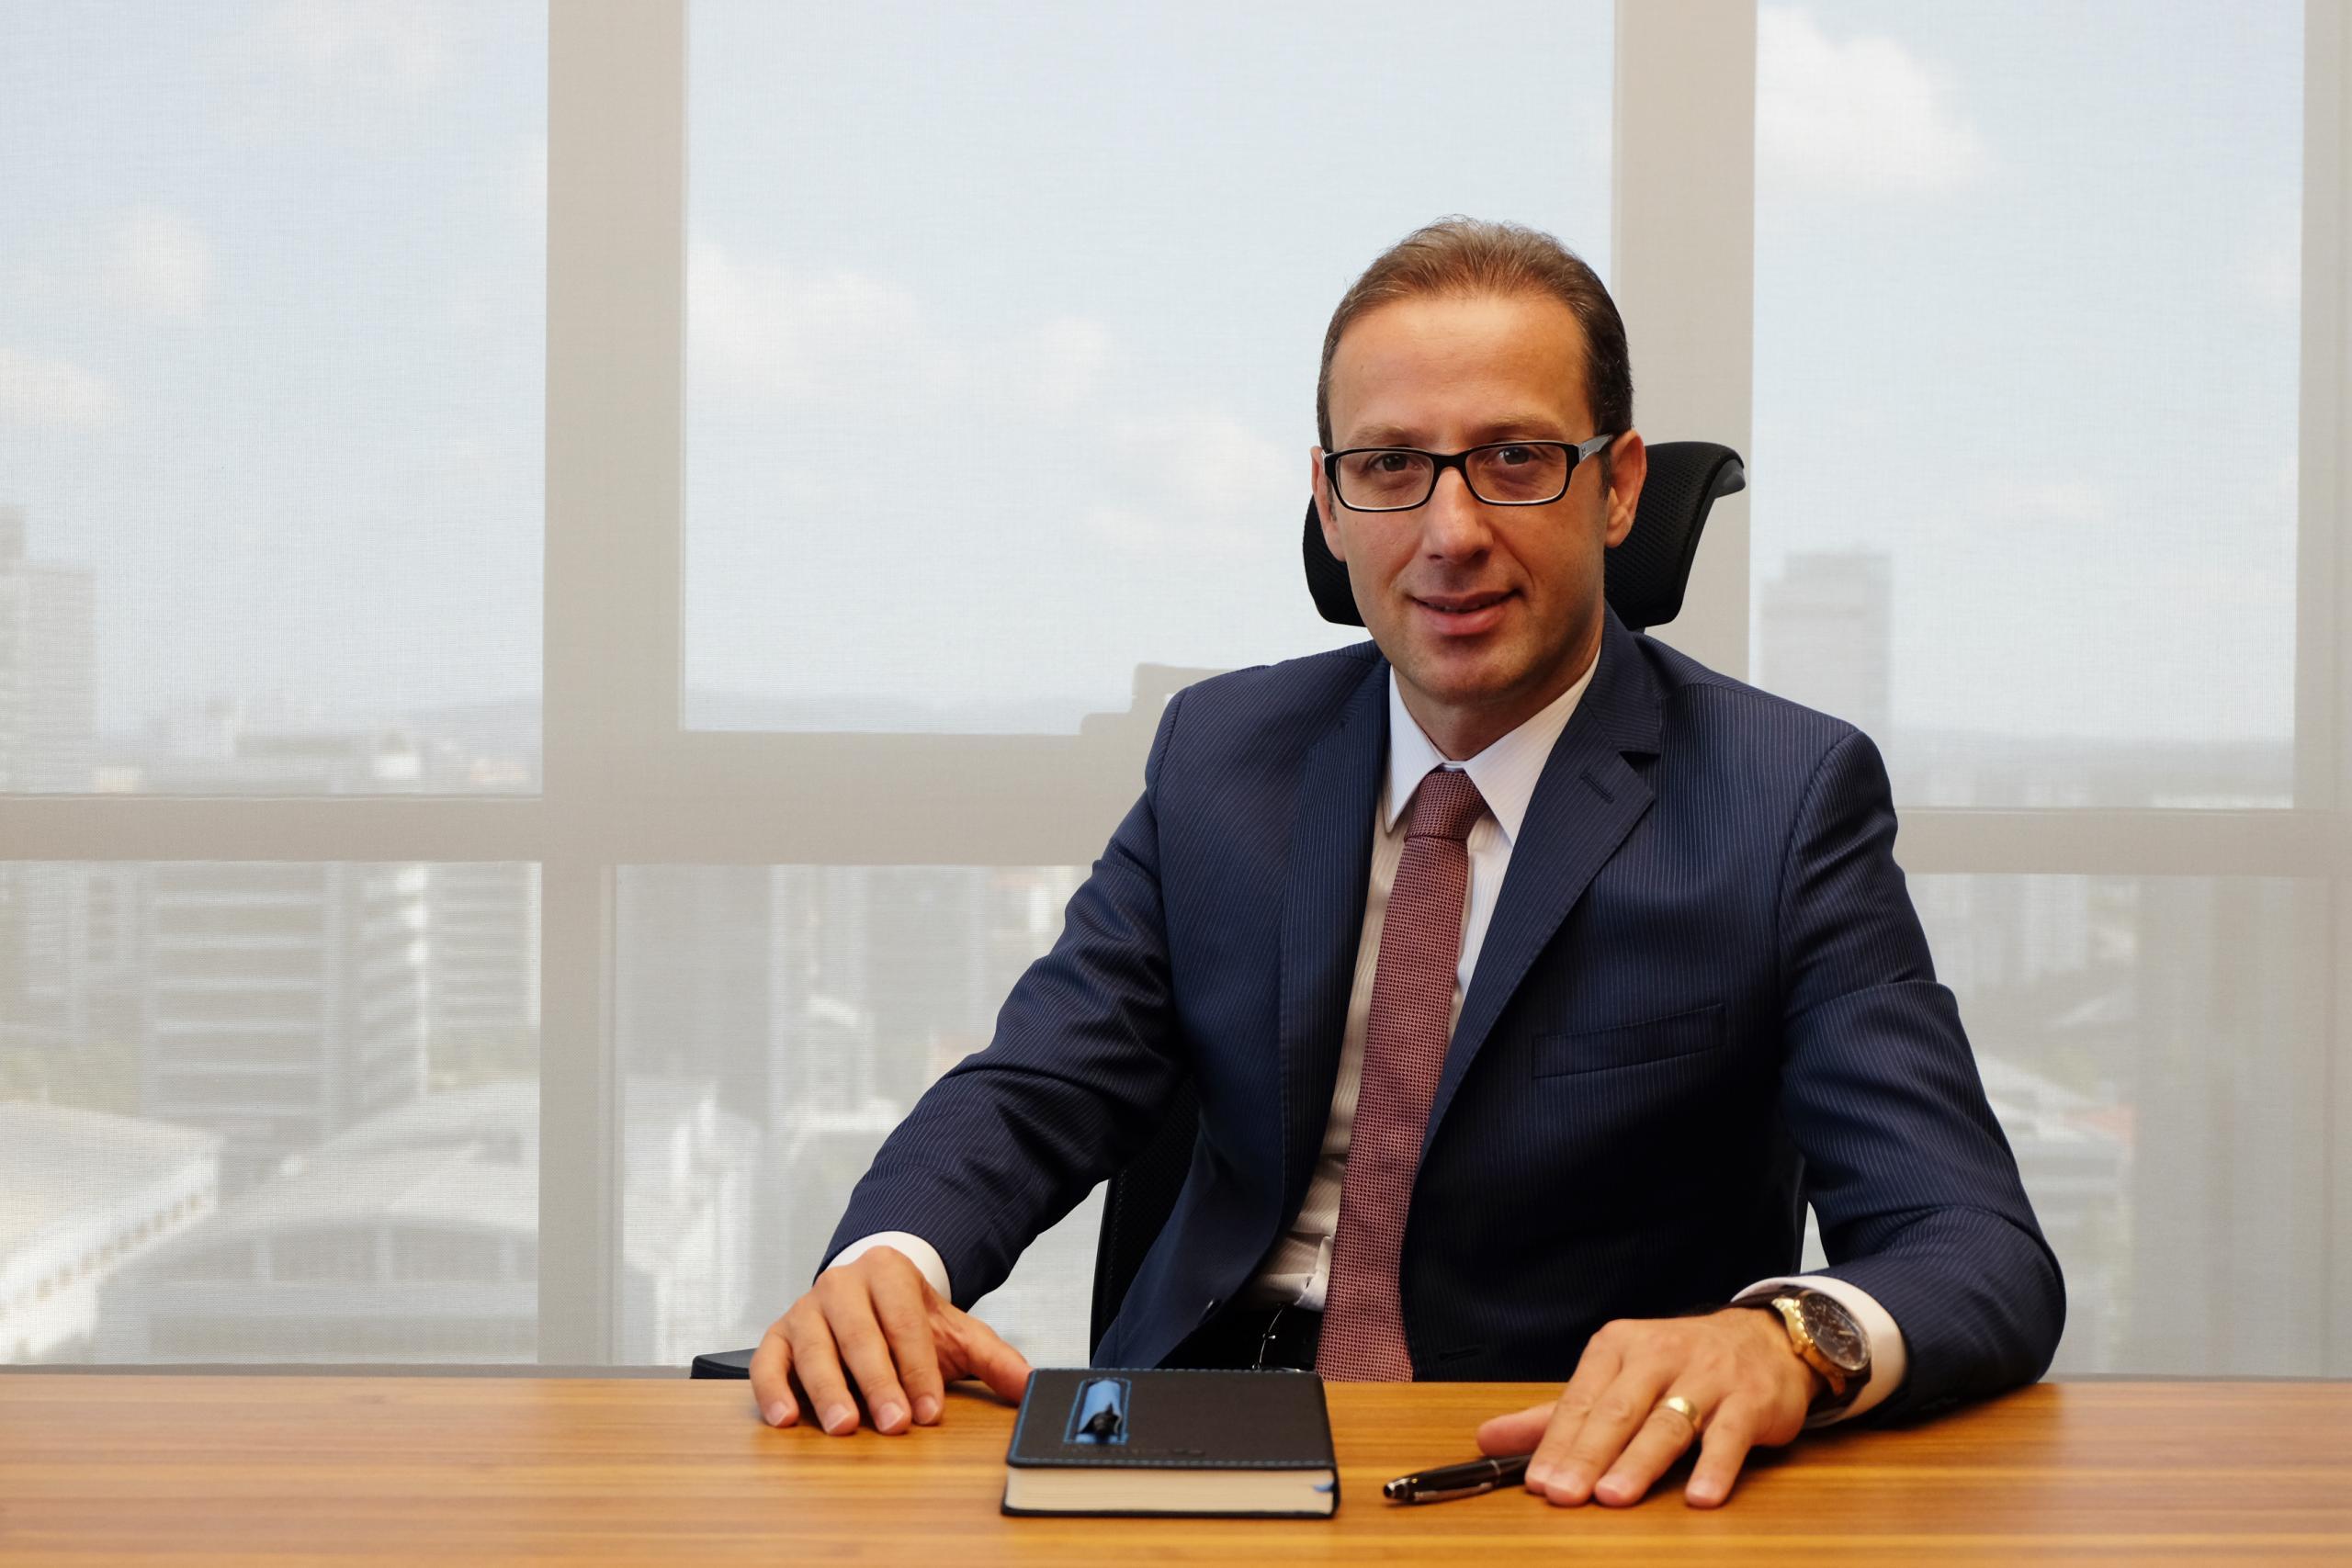 Anadolubank Kurumsal ve Ticari Bankacılık Bölümü Genel Müdür Yardımcılığı görevine Ahmet Yiğit atandı